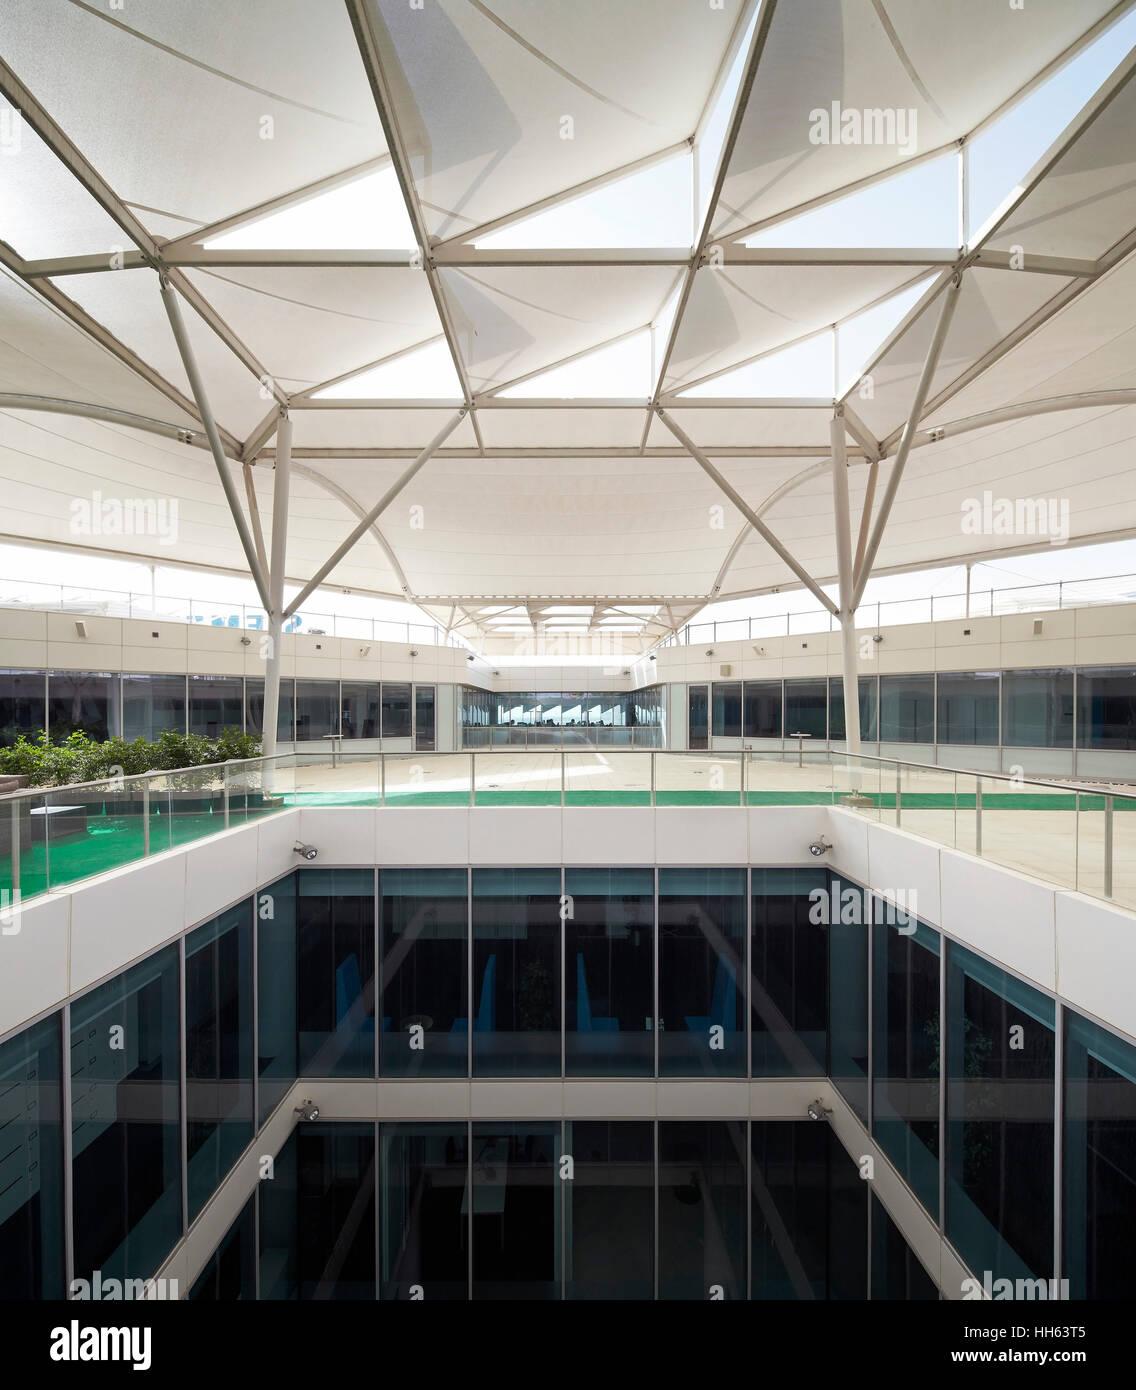 Innenarchitektur Sonnenschutz Dachterrasse Sammlung Von Mit Und Lichtbrunnen. Siemens Masdar, Abu Dhabi,